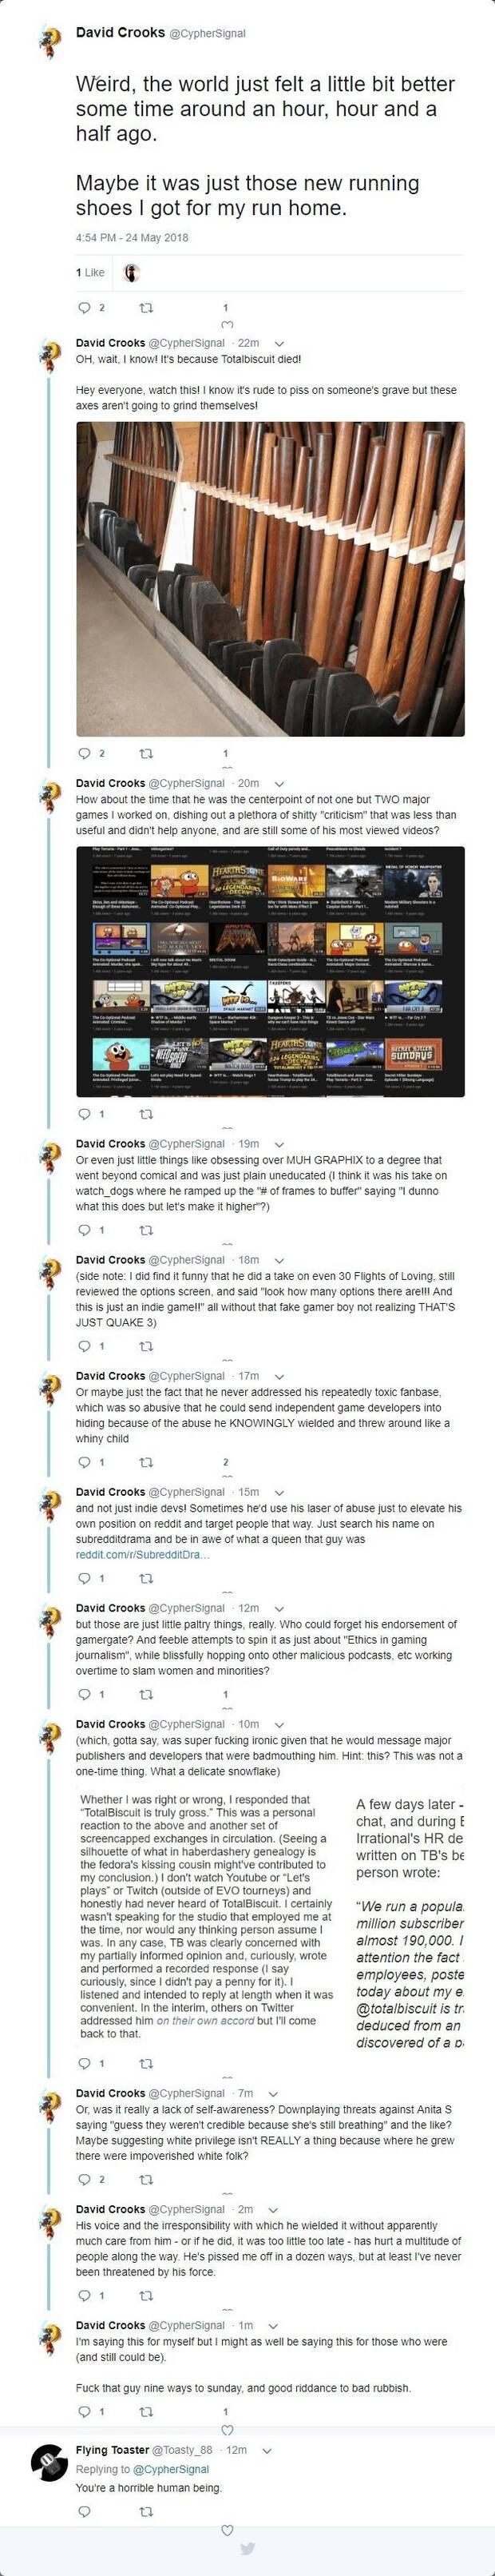 Un ex desarrollador de Bioware celebra la muerte de Totalbiscuit Imagen 2